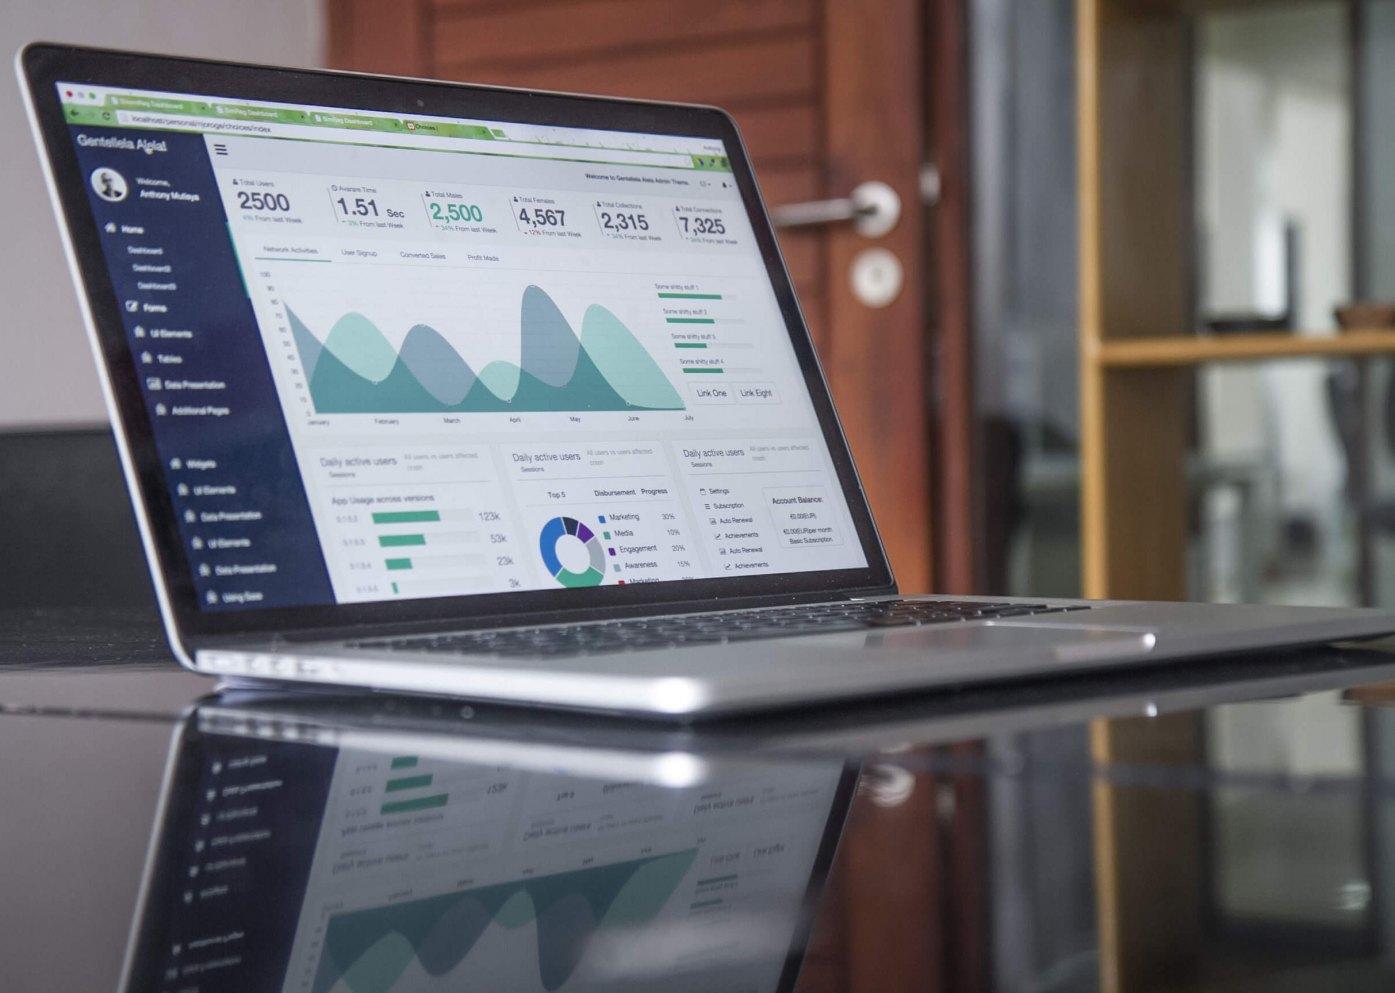 Cotisations Sociales Auto Entrepreneurs 2018 2017 2016 2015 2014